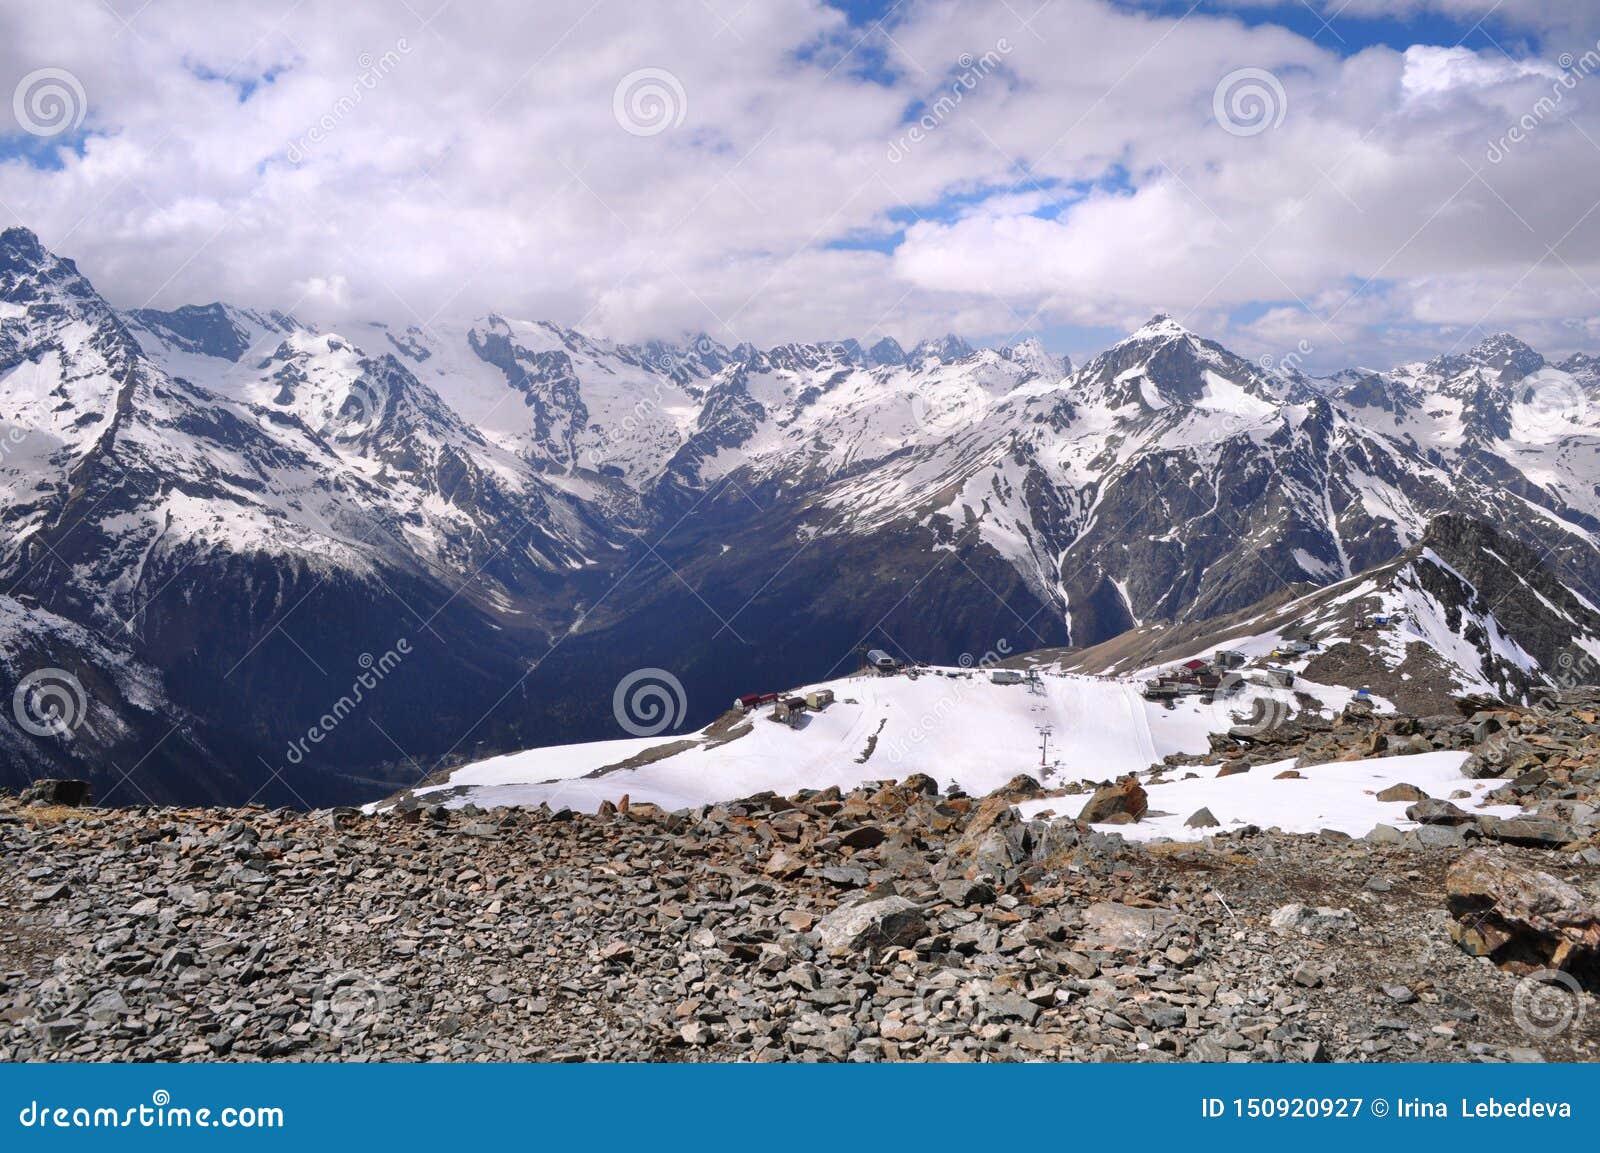 Hermosa vista del paisaje de la montaña: cordilleras, nubes blancas